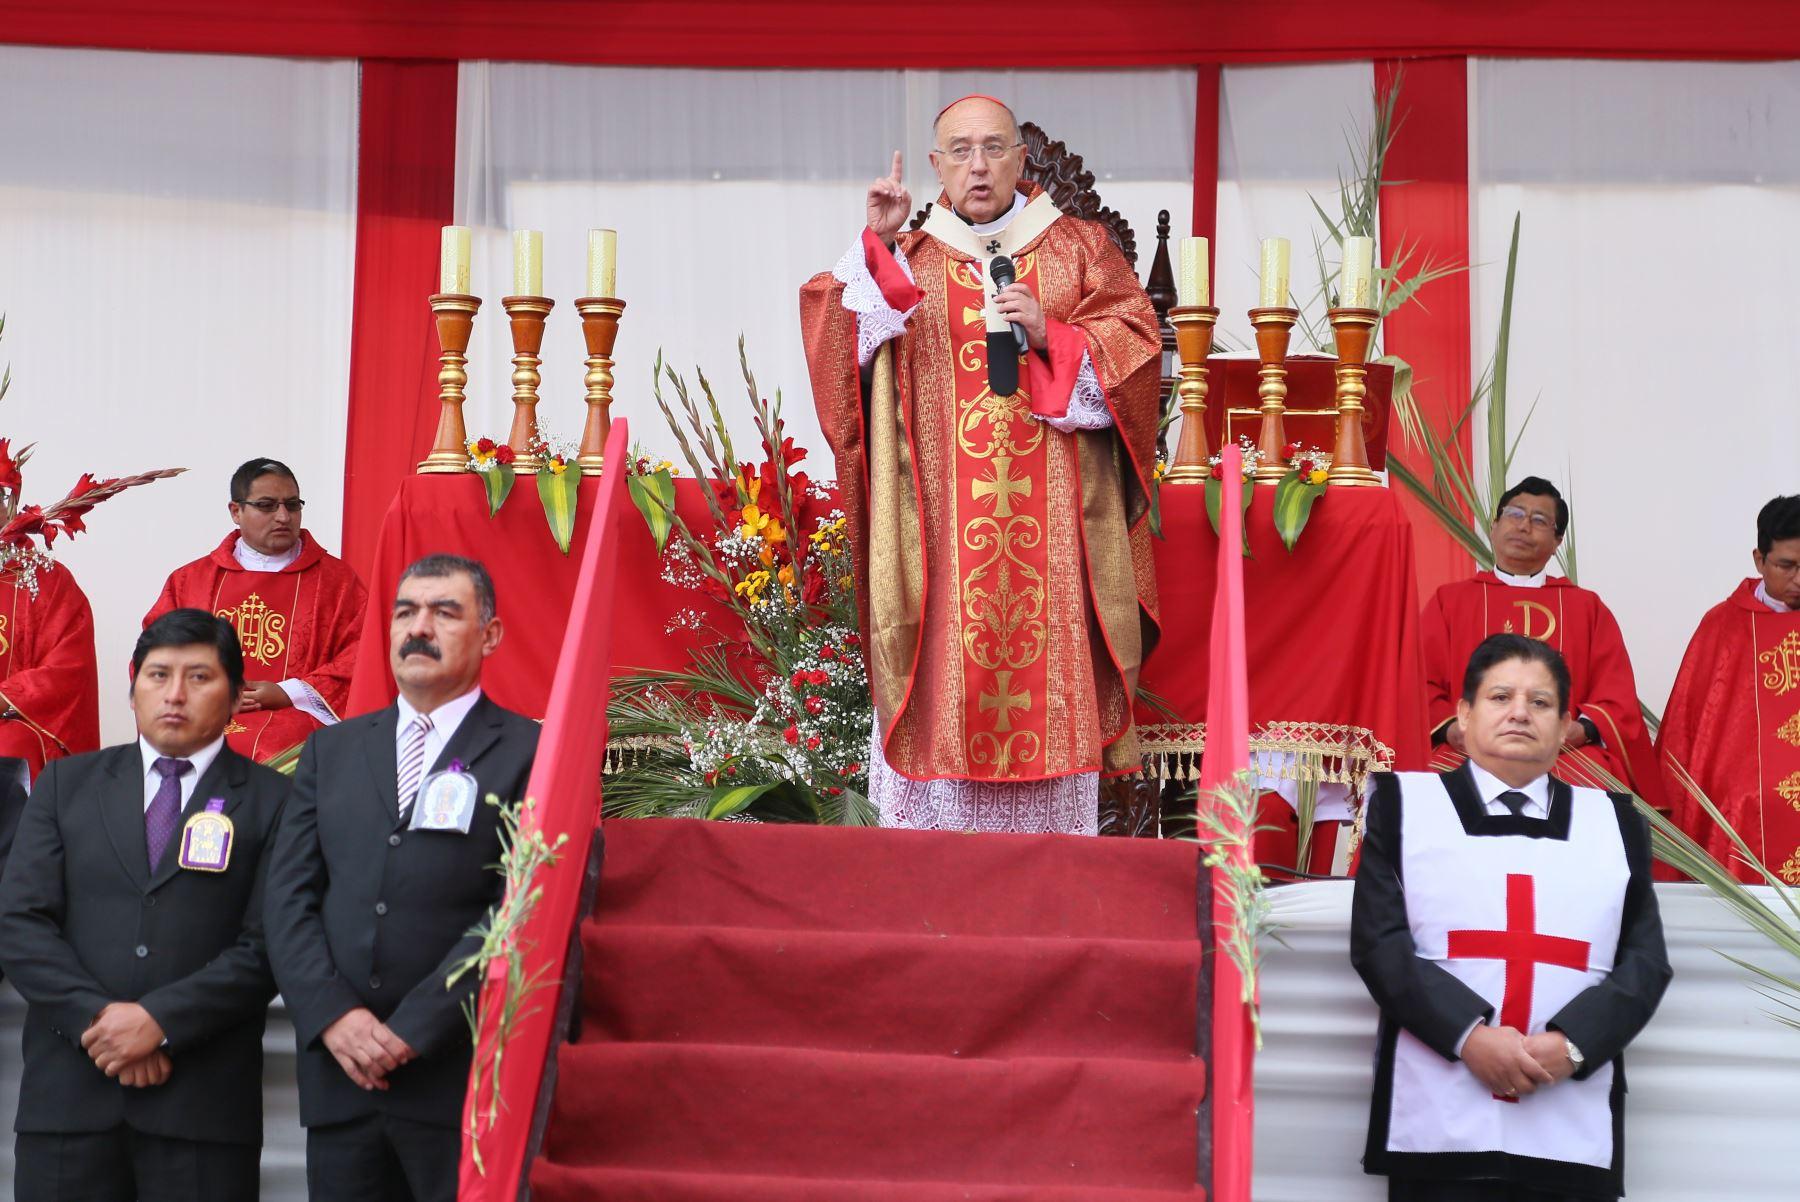 En el marco del Domingo de Ramos, el cardenal Pedro Barreto bendijo los ramos de miles de fieles  durante la procesión del Señor del Triunfo, que partió del templo La Merced y llegó a la plaza de la Constitución donde realizó una liturgia.Foto: ANDINA/ Municipalidad de Huancayo